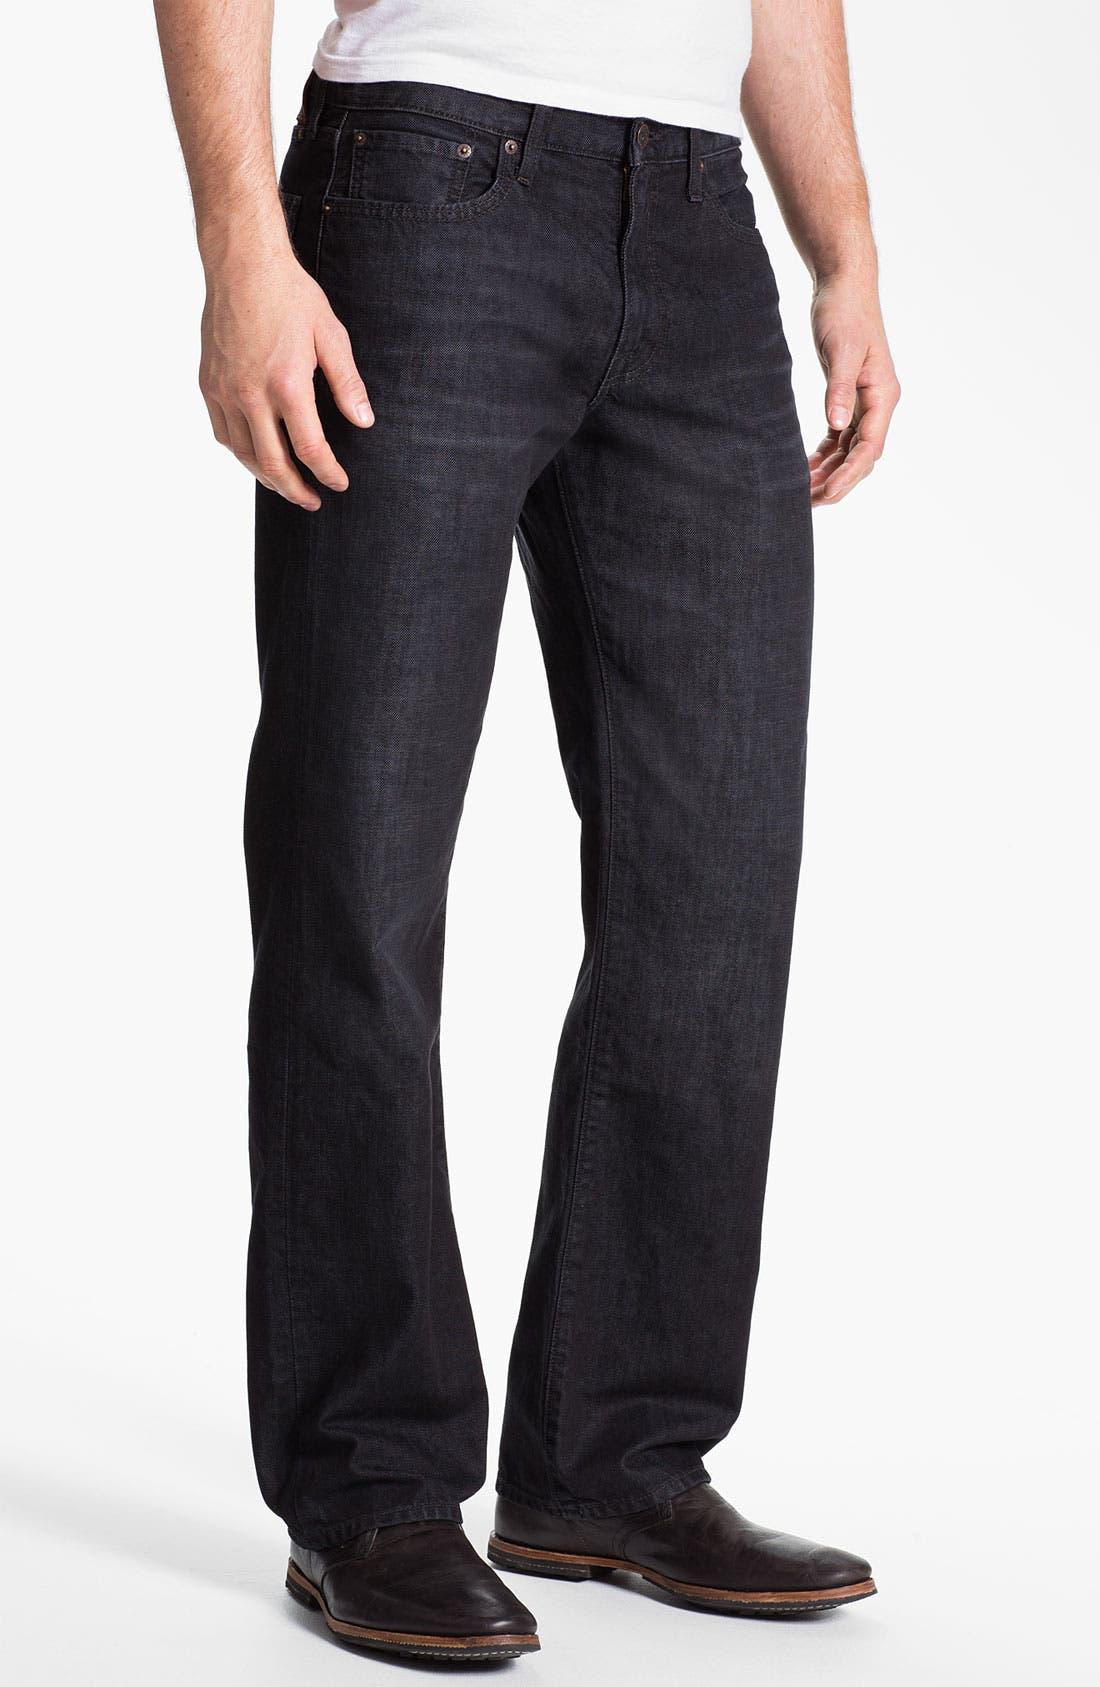 Alternate Image 1 Selected - Lucky Brand Straight Leg Jeans (Dark Sumner)